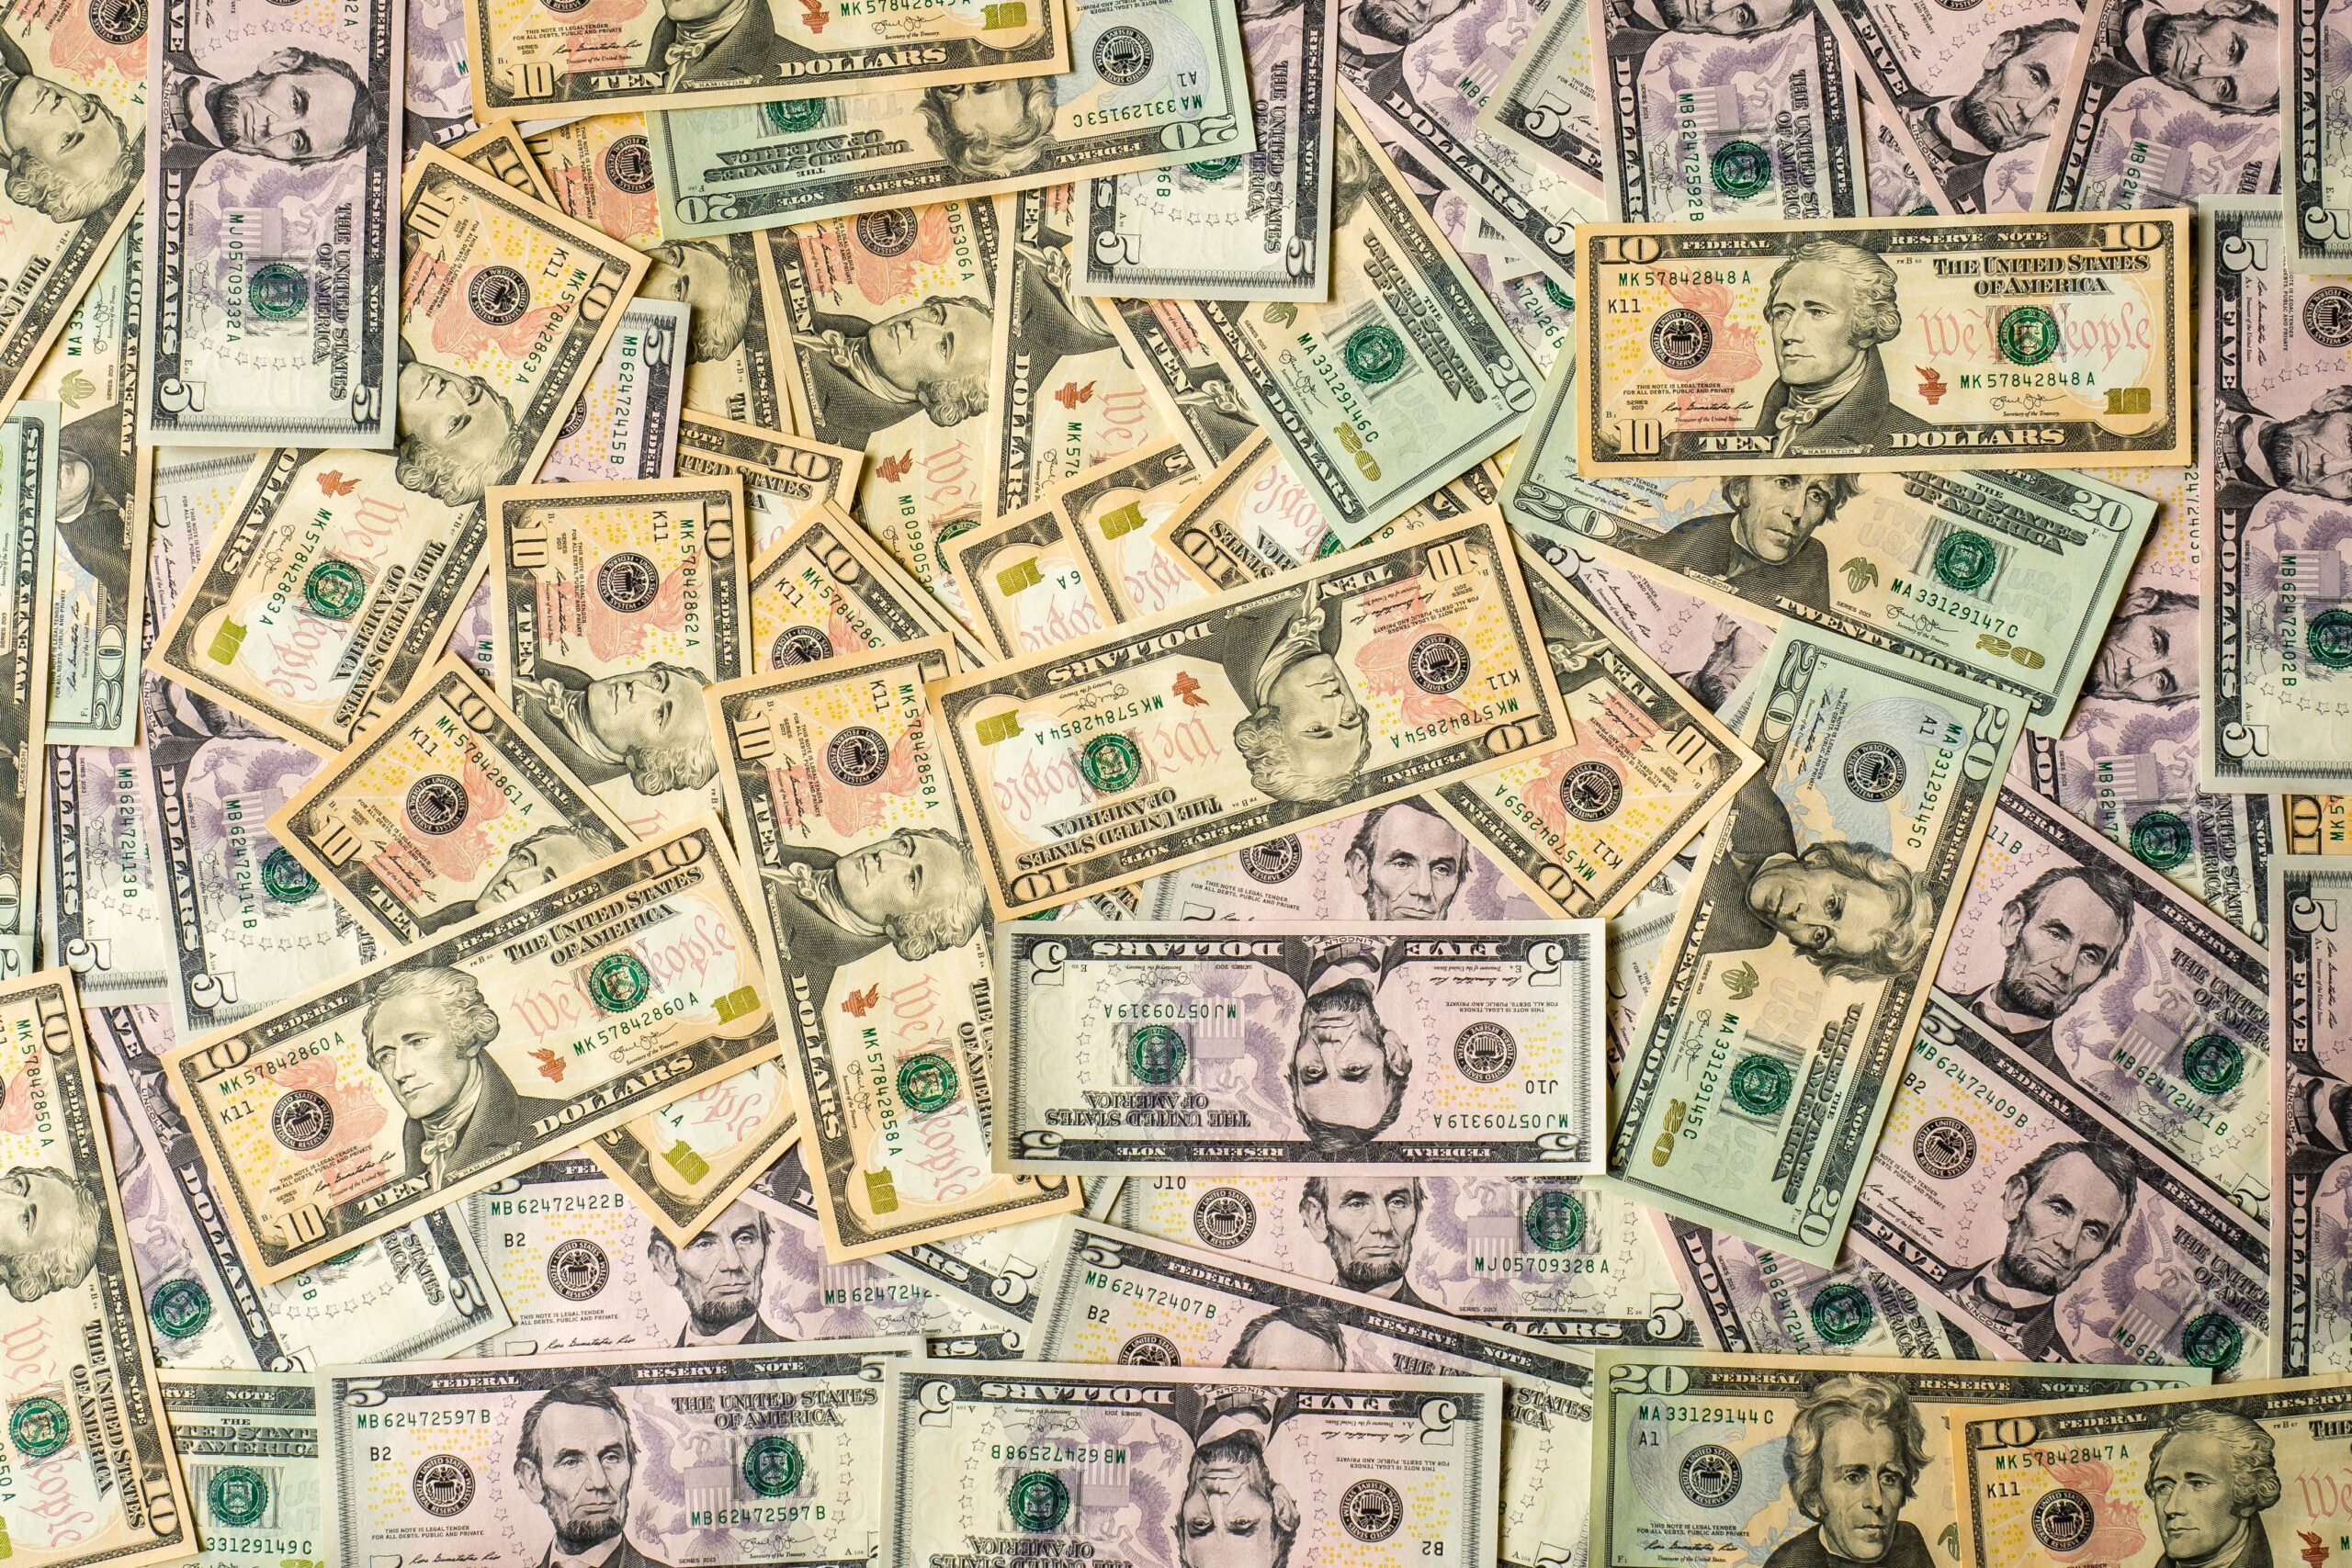 Biden 2 trillió dolláros csomag után újabb 2 trilliót költene